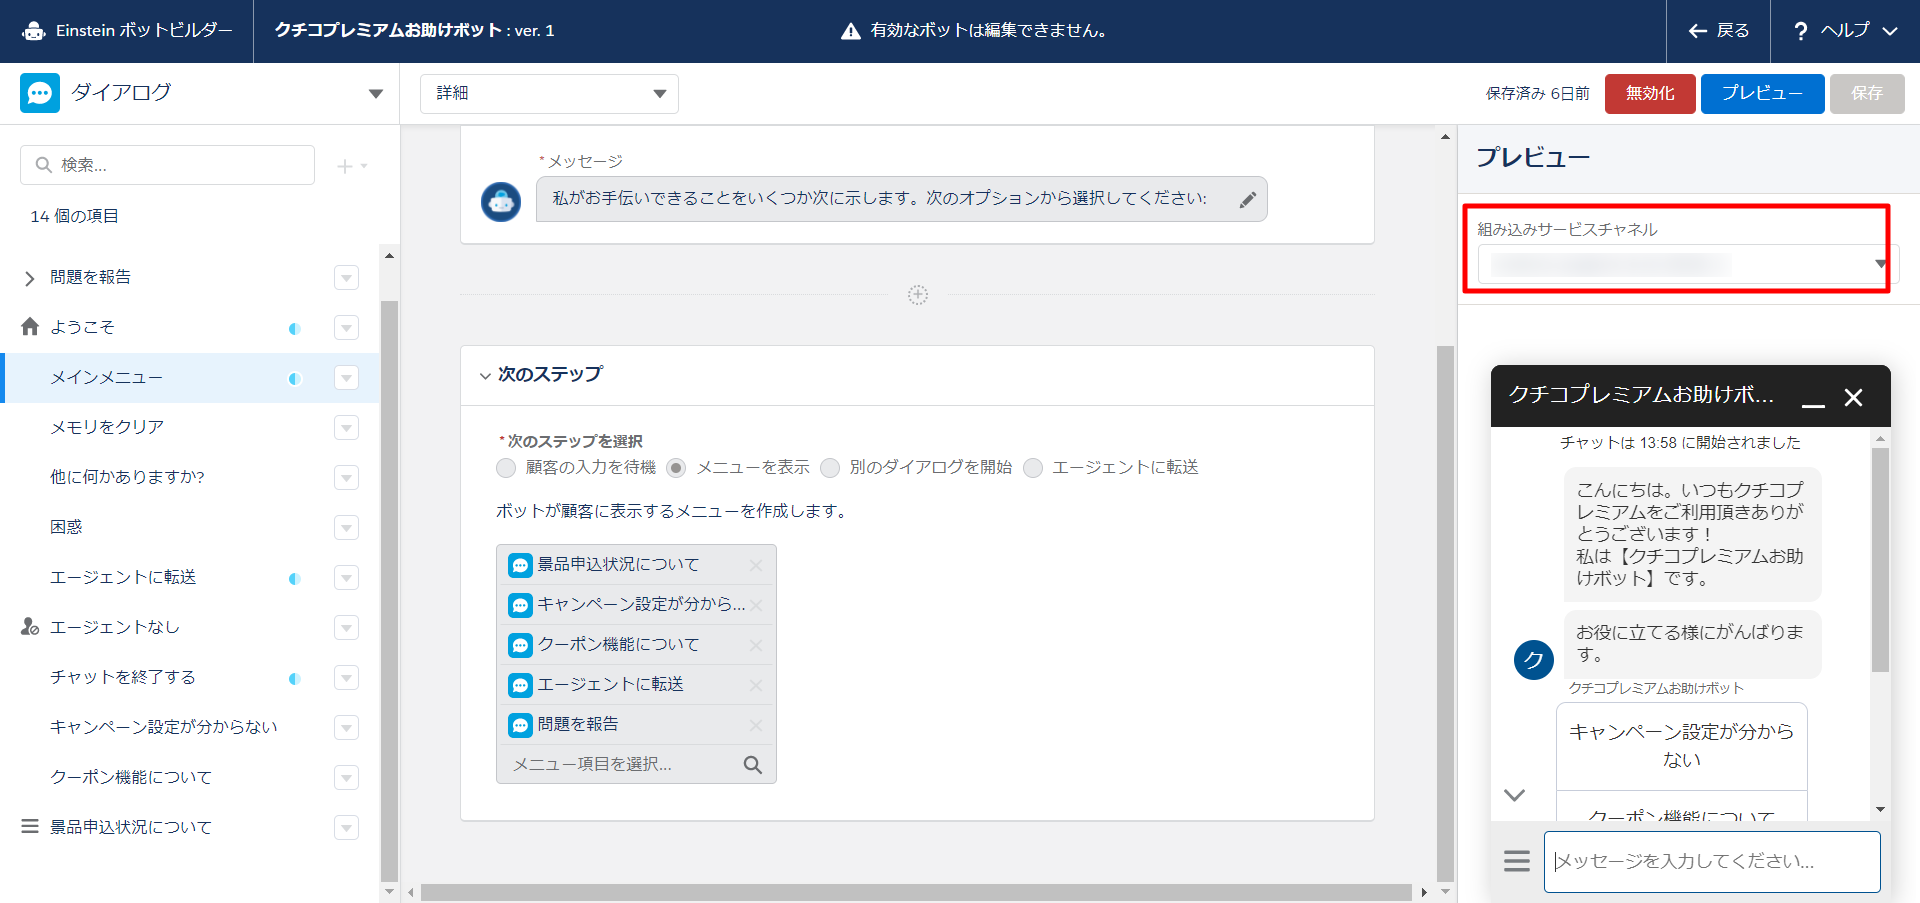 blog_kuchico_bot_03